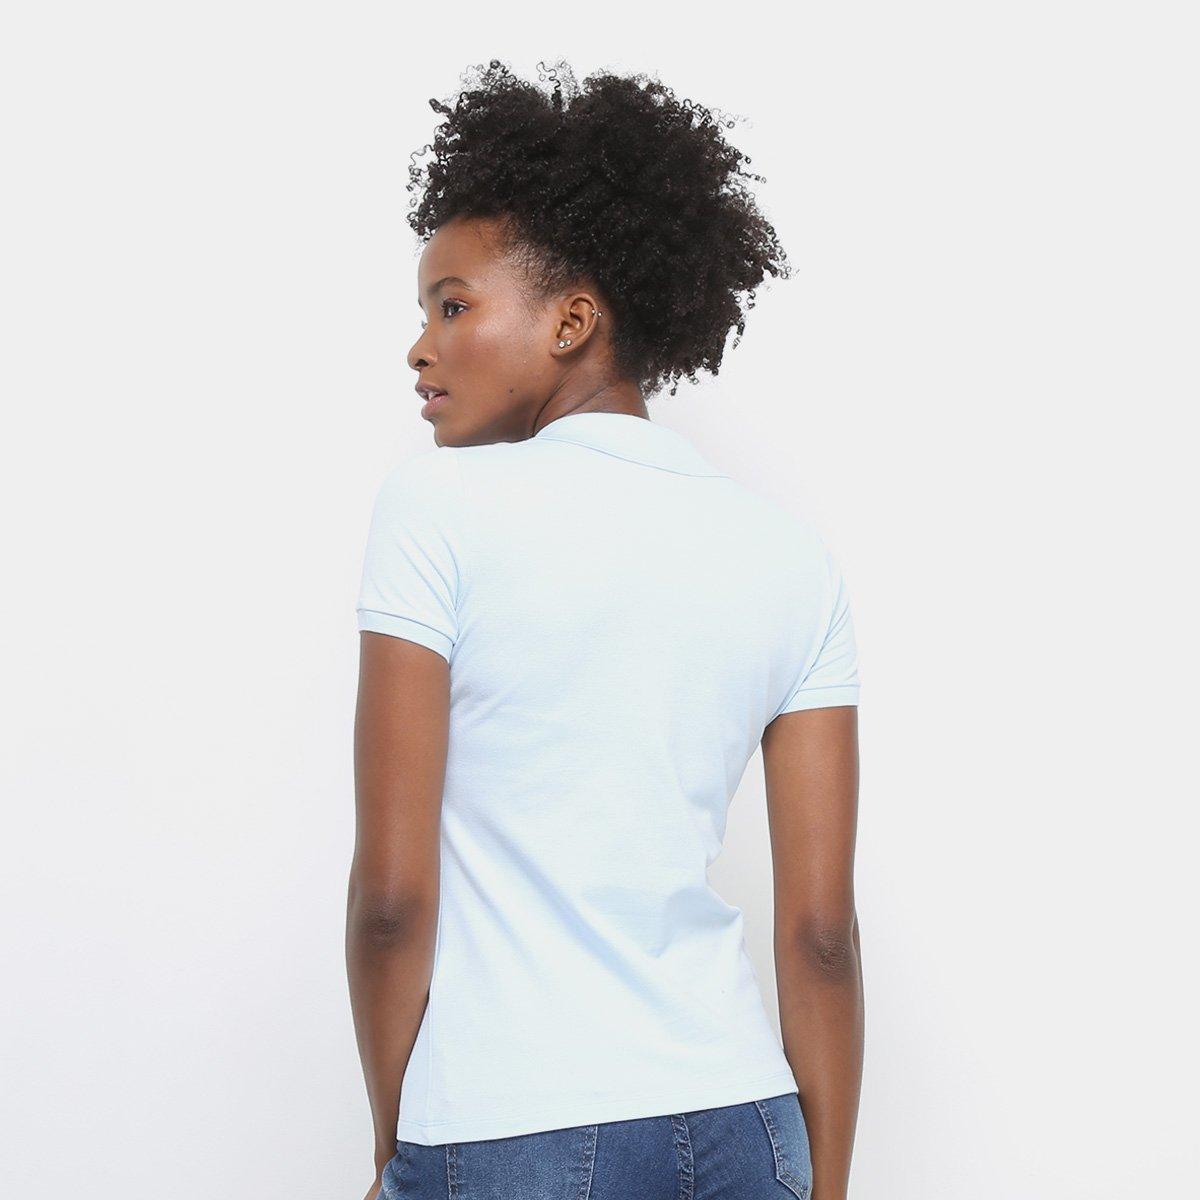 Lacoste Camisa Feminina Azul Camisa Polo Manga Curta Botões Curta Claro Manga Lacoste Polo xFZpZ6nY